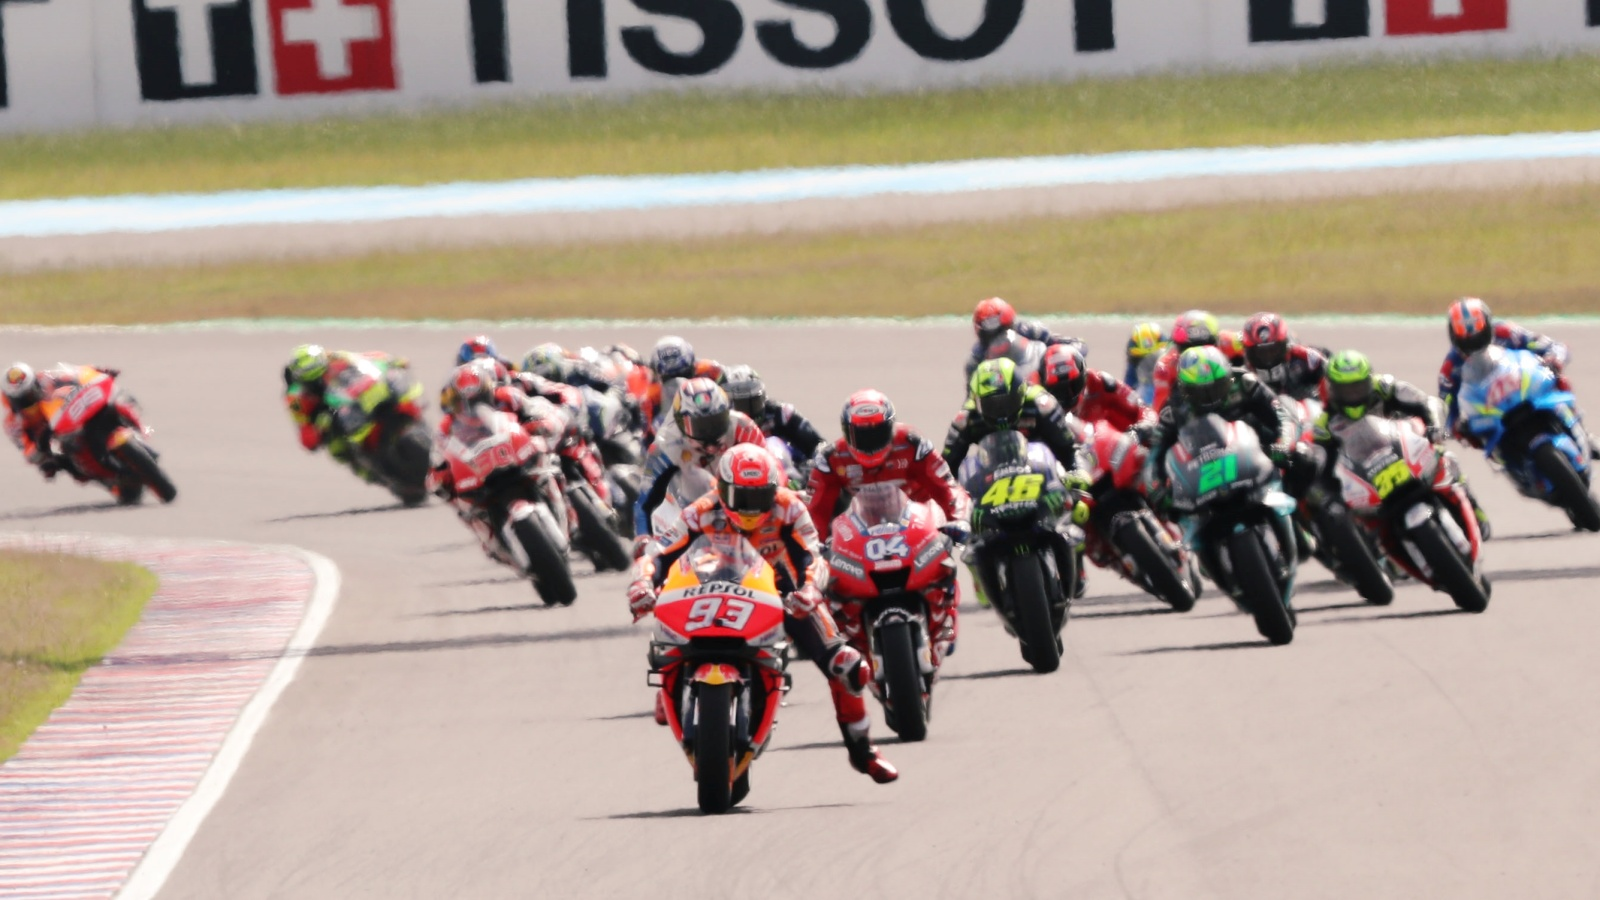 MotoGP cambia la penalización por saltarse la salida a partir de 2020